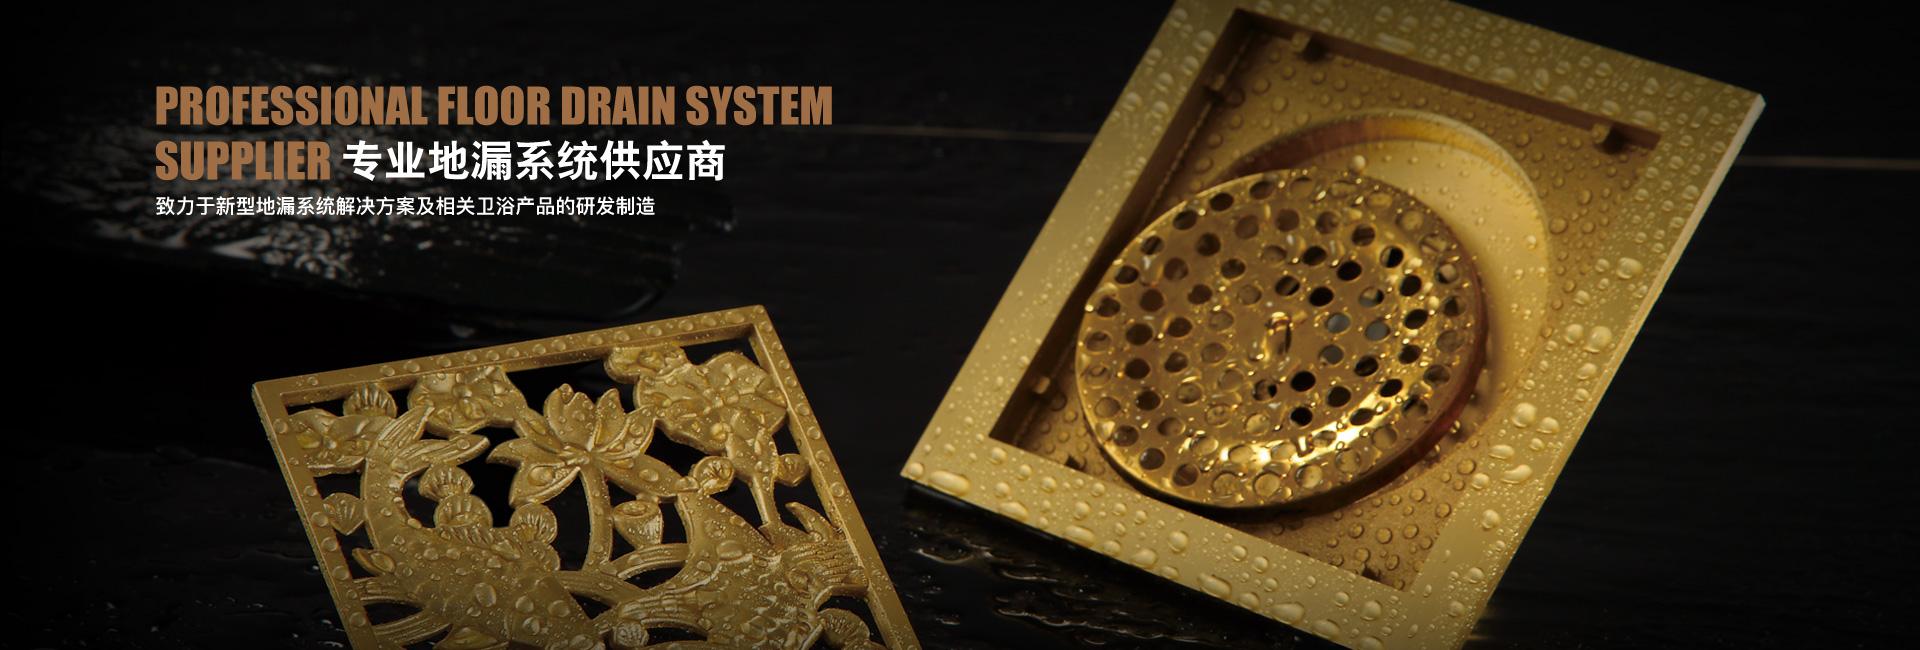 致力于新型地漏系统解决方案及相关卫浴产品的研发制造。